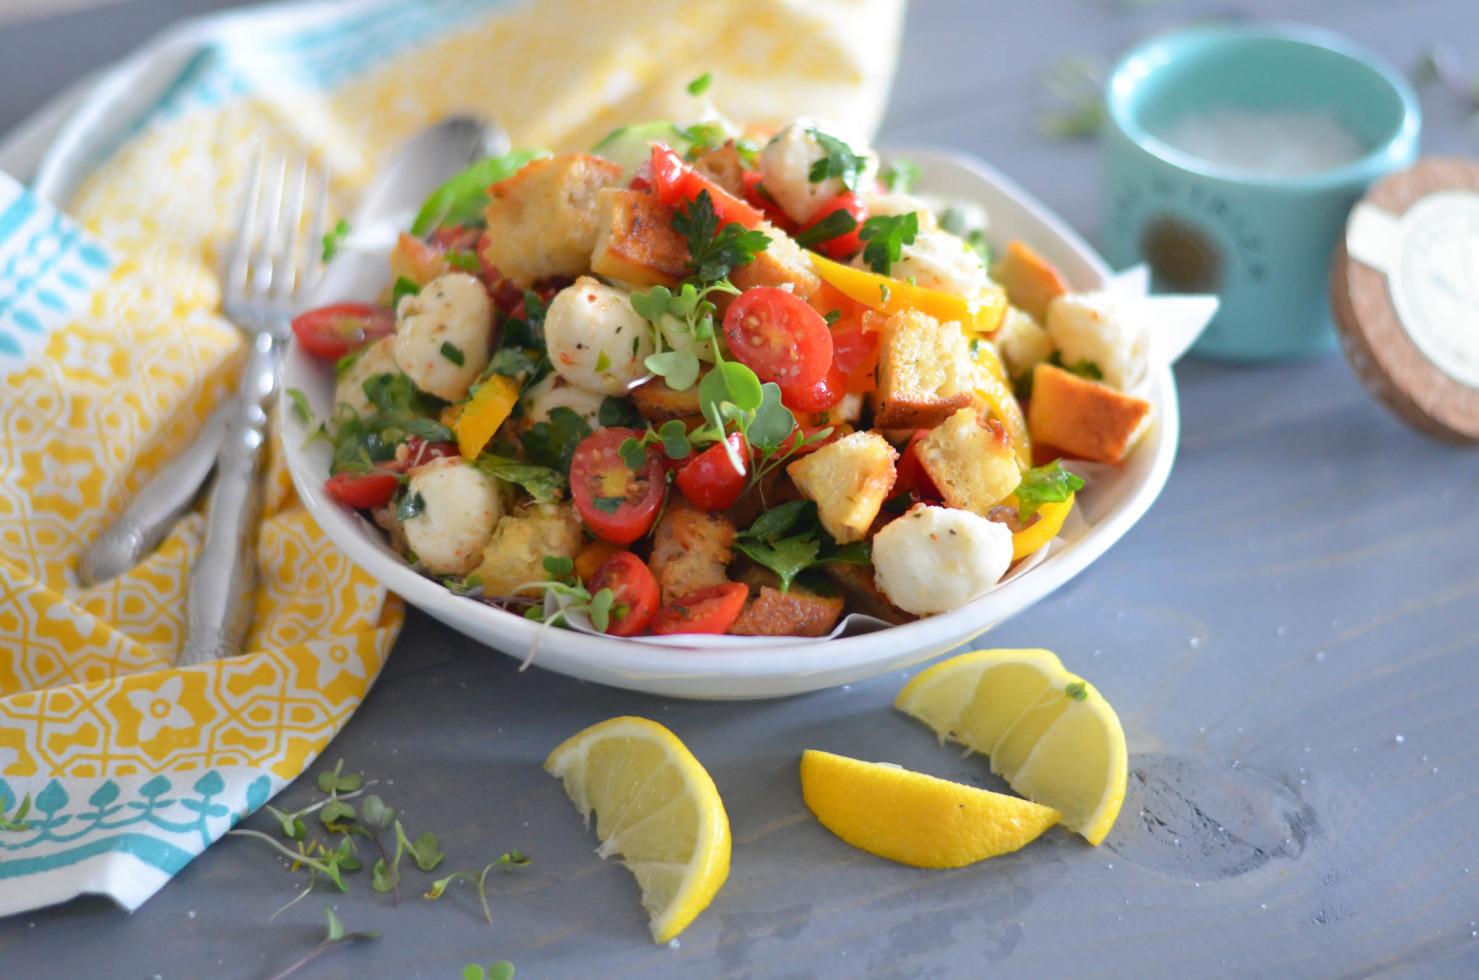 Summer Garden Panzanella with Herb and Garlic  Croutons // Karista's Kitchen